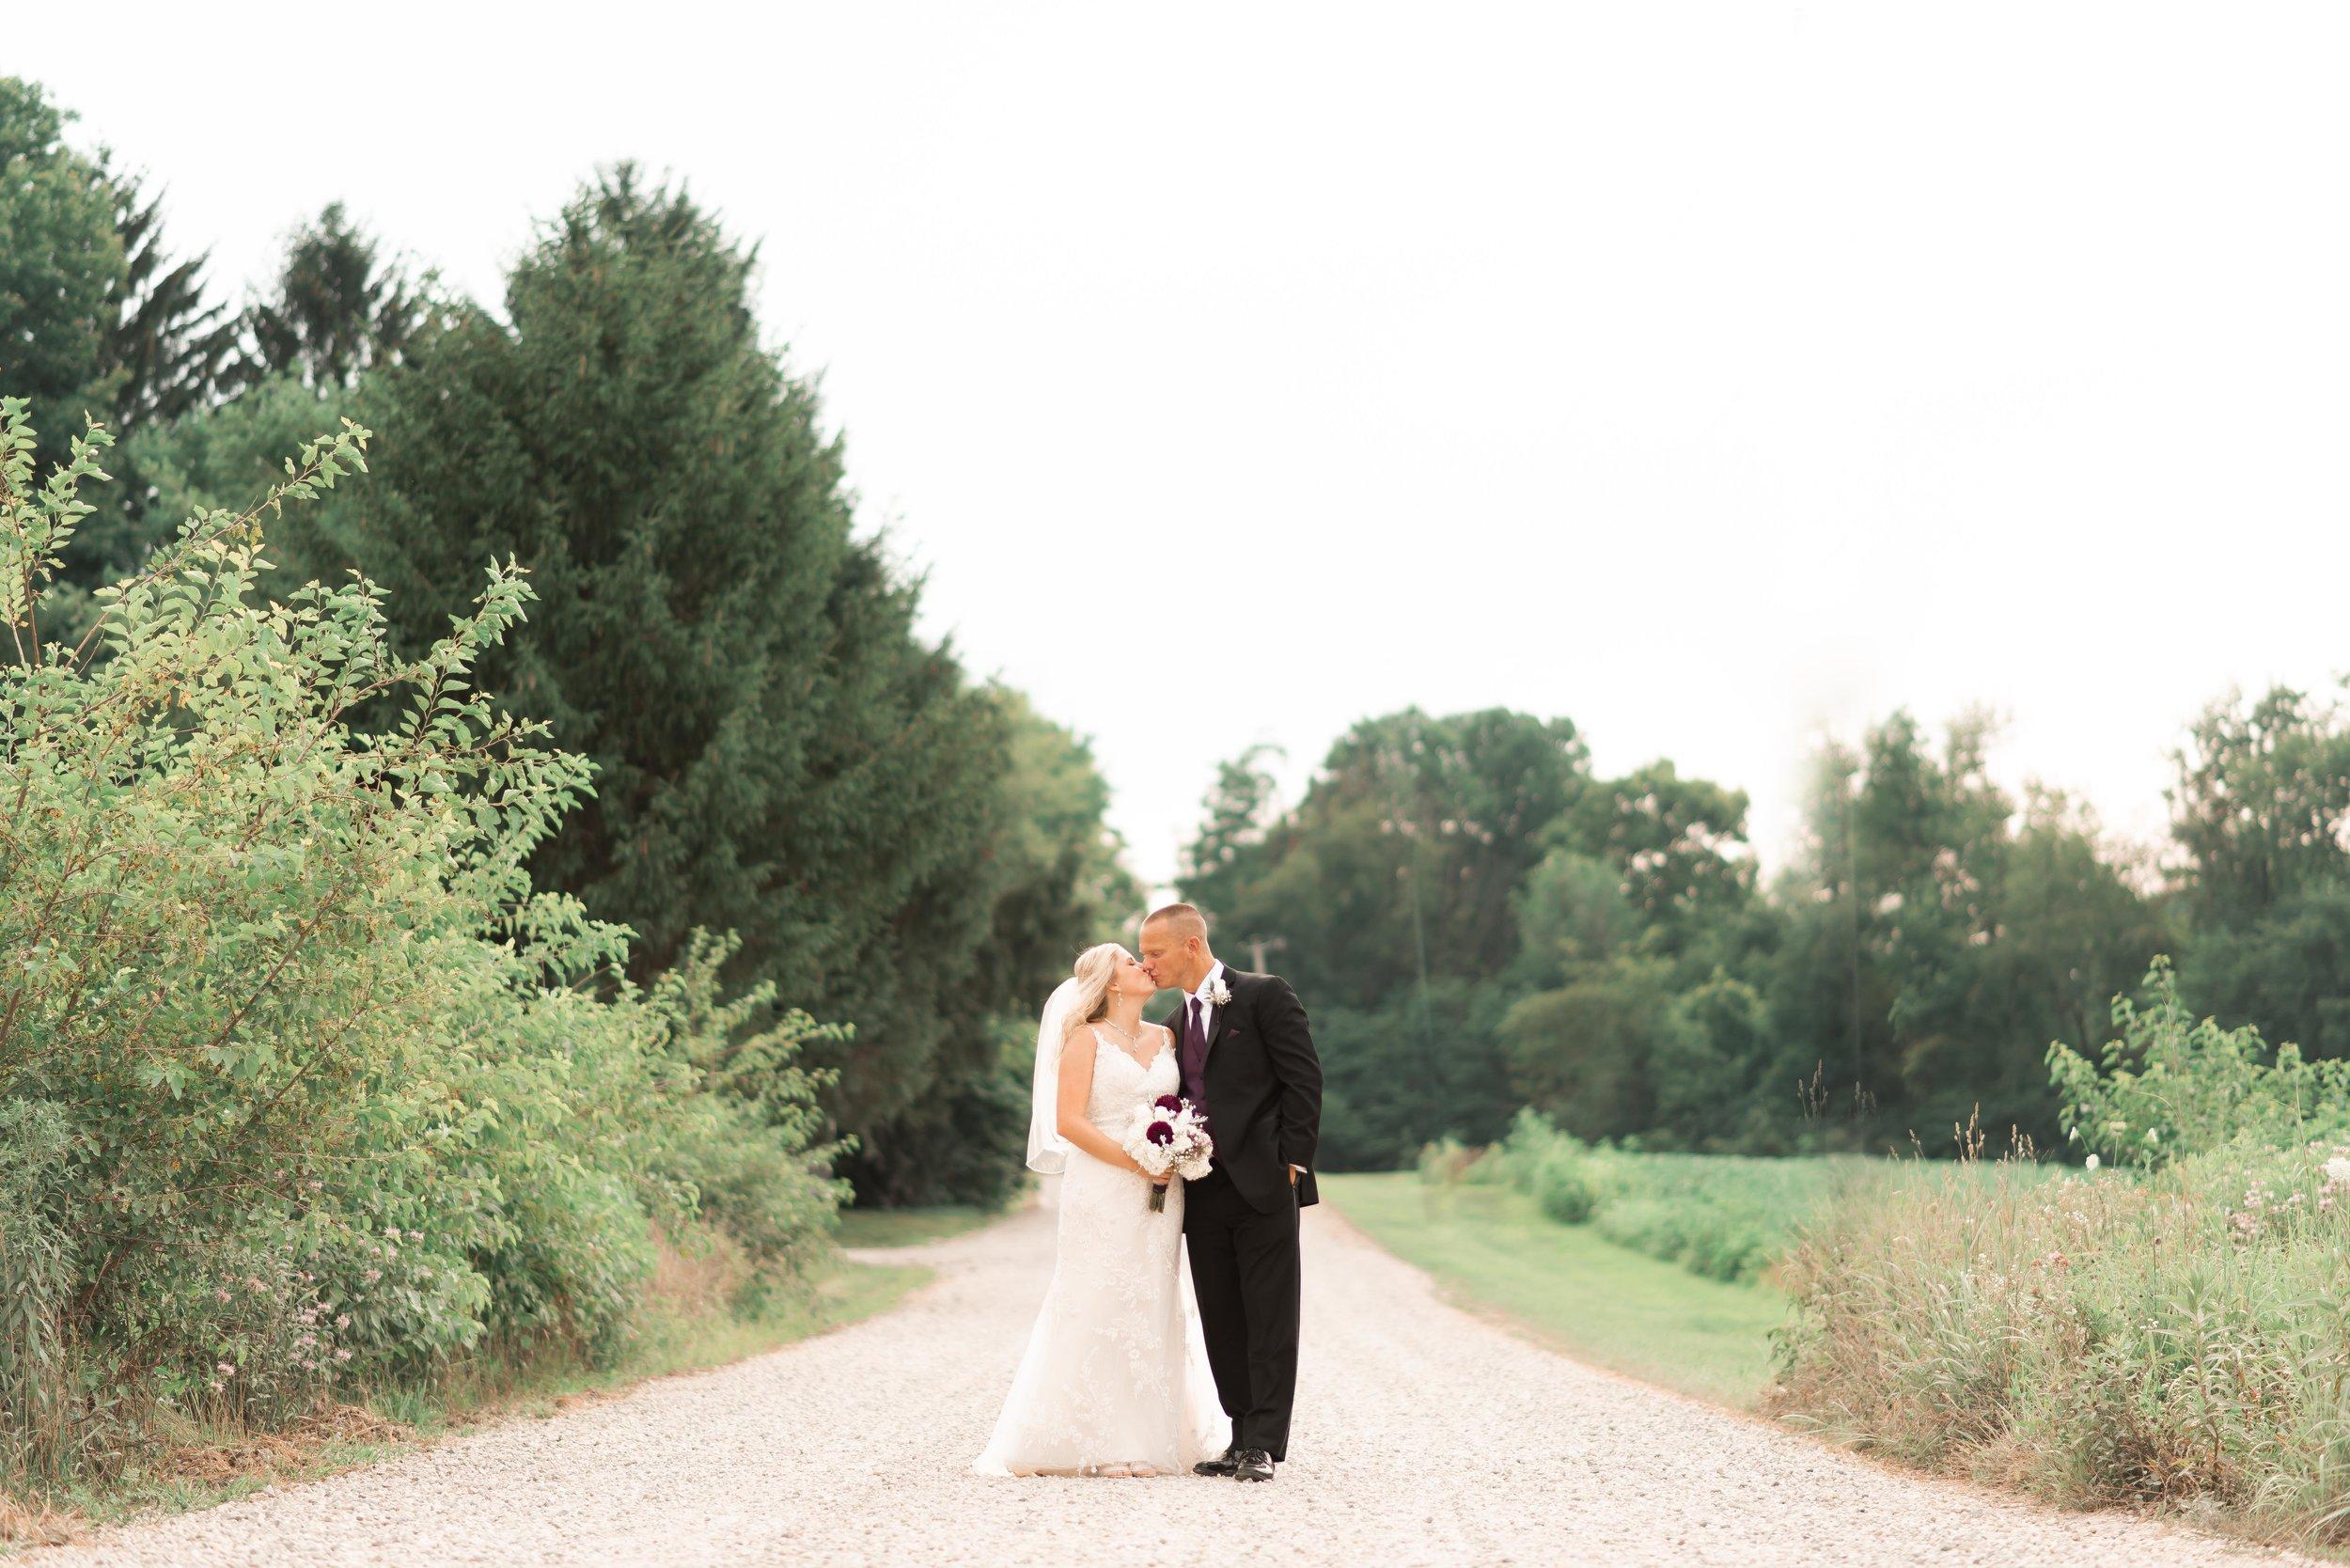 Corey&LydiaWedding-735.jpg